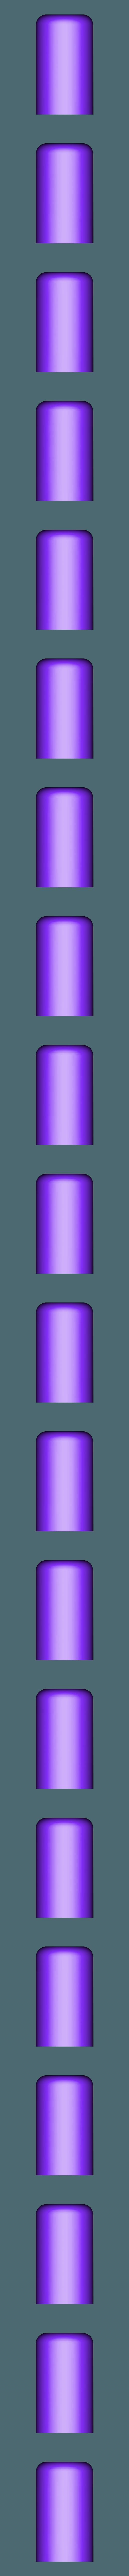 1904-07_Part07.stl Télécharger fichier STL gratuit Serrure imprimée 3D • Objet imprimable en 3D, EL3D